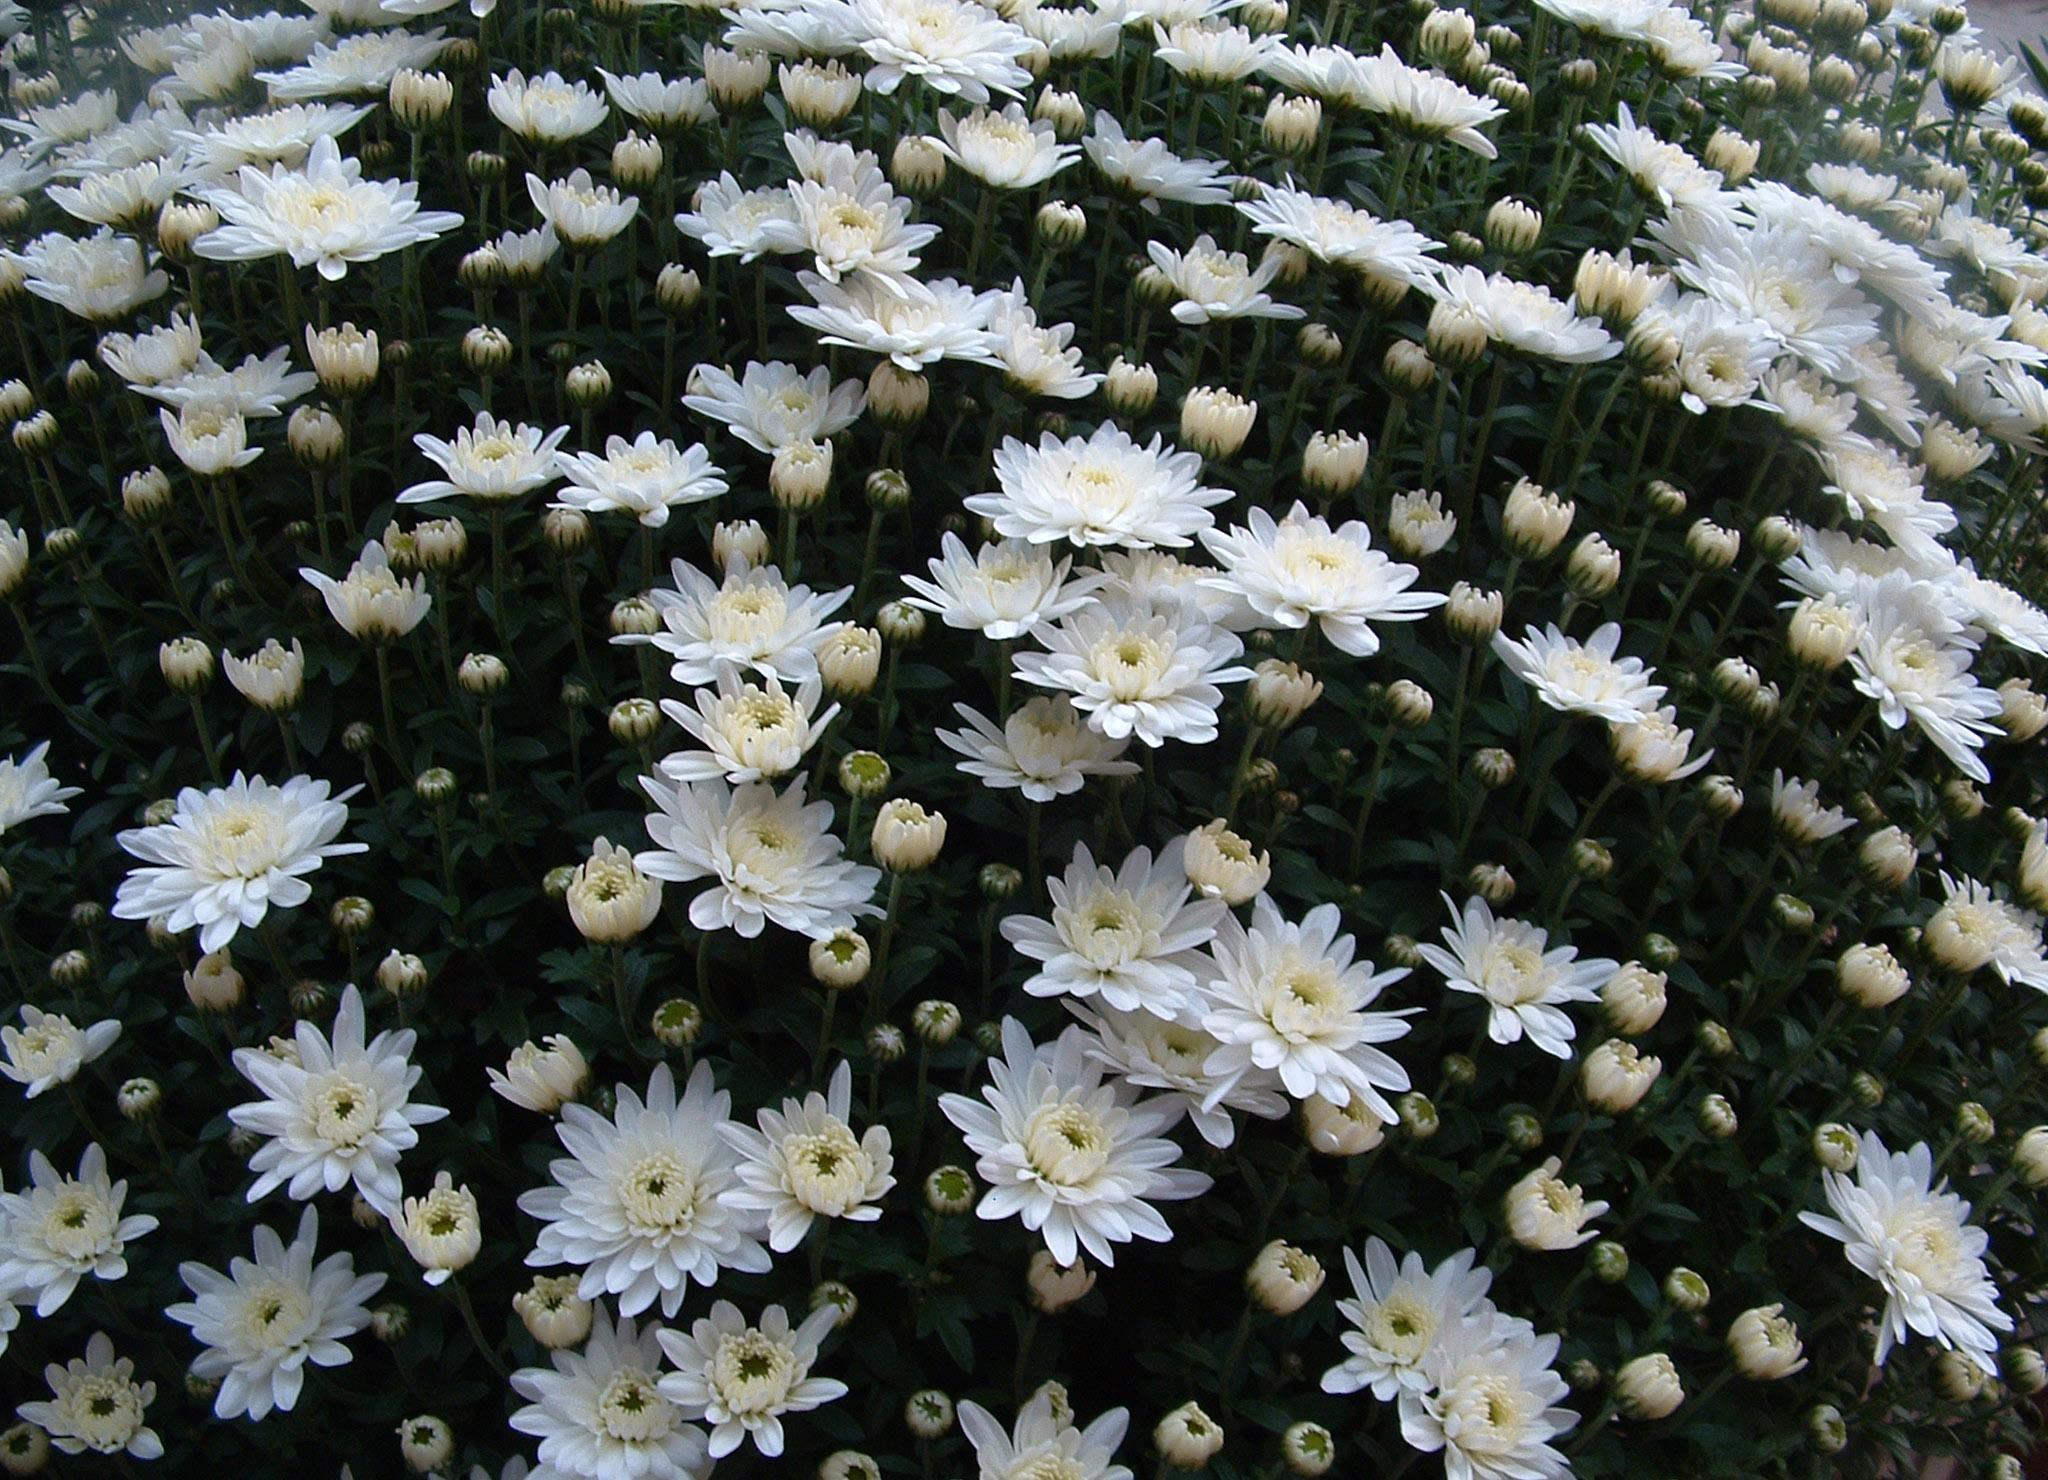 Wallpaper Putih Bunga Bunga Hijau Mekar Krisan